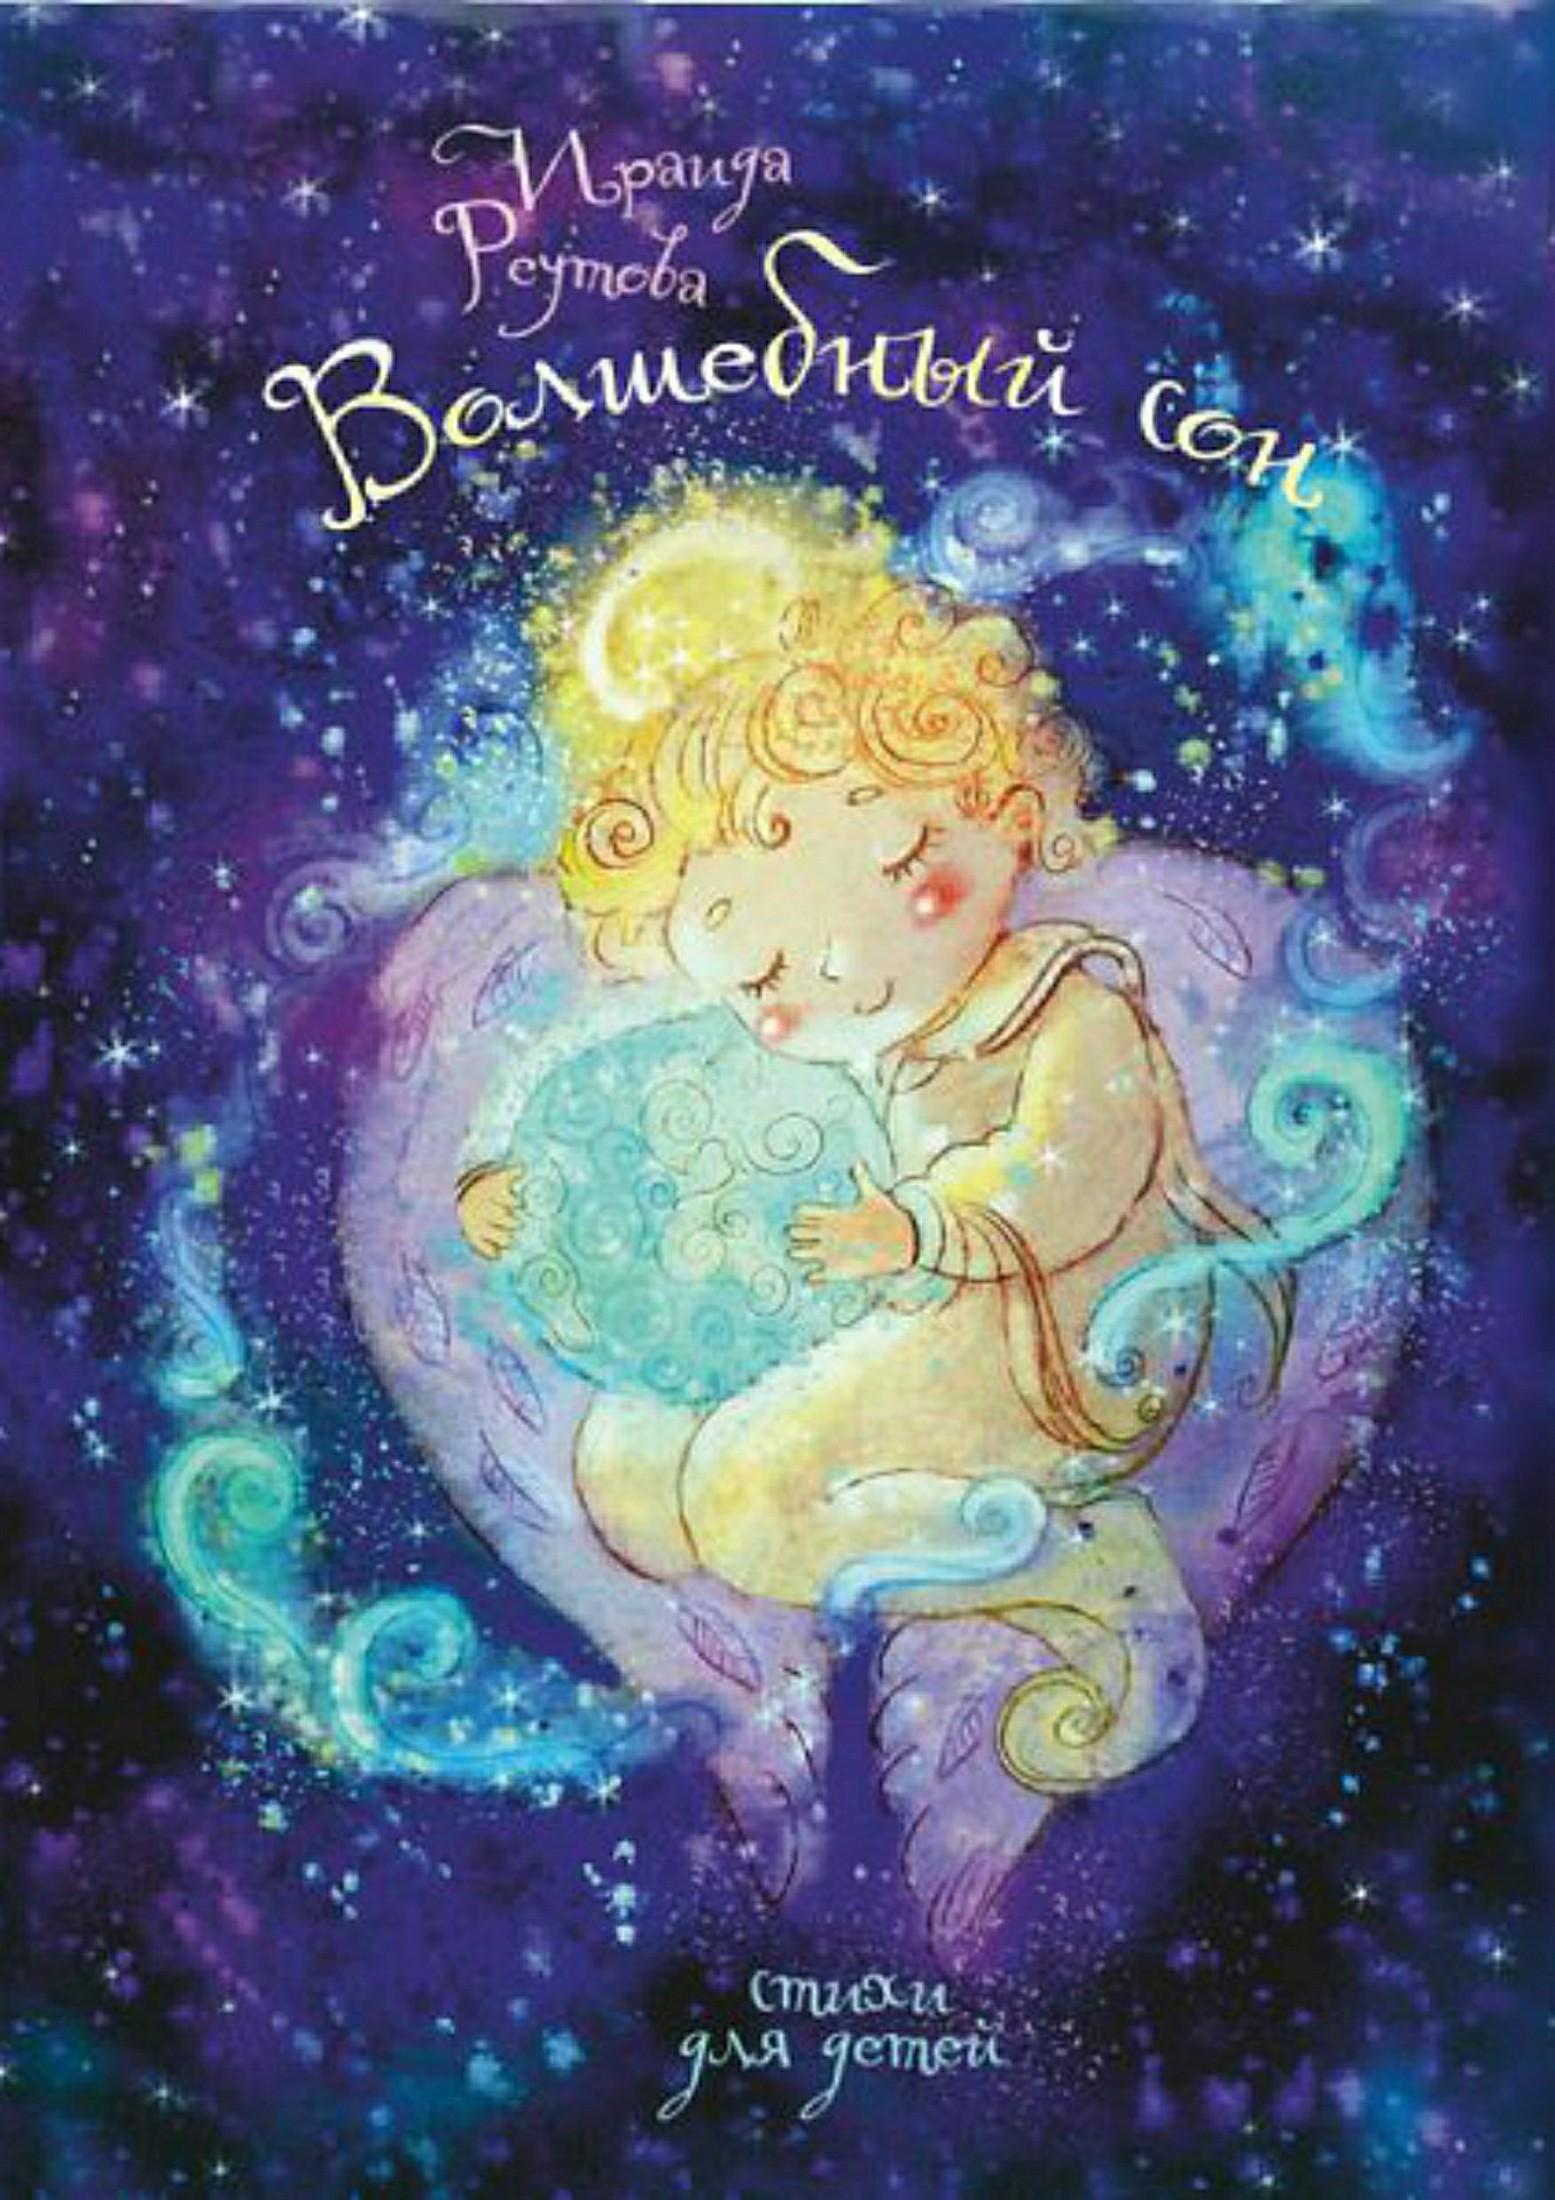 Ираида Реутова - Волшебный сон. Стихи для детей и взрослых